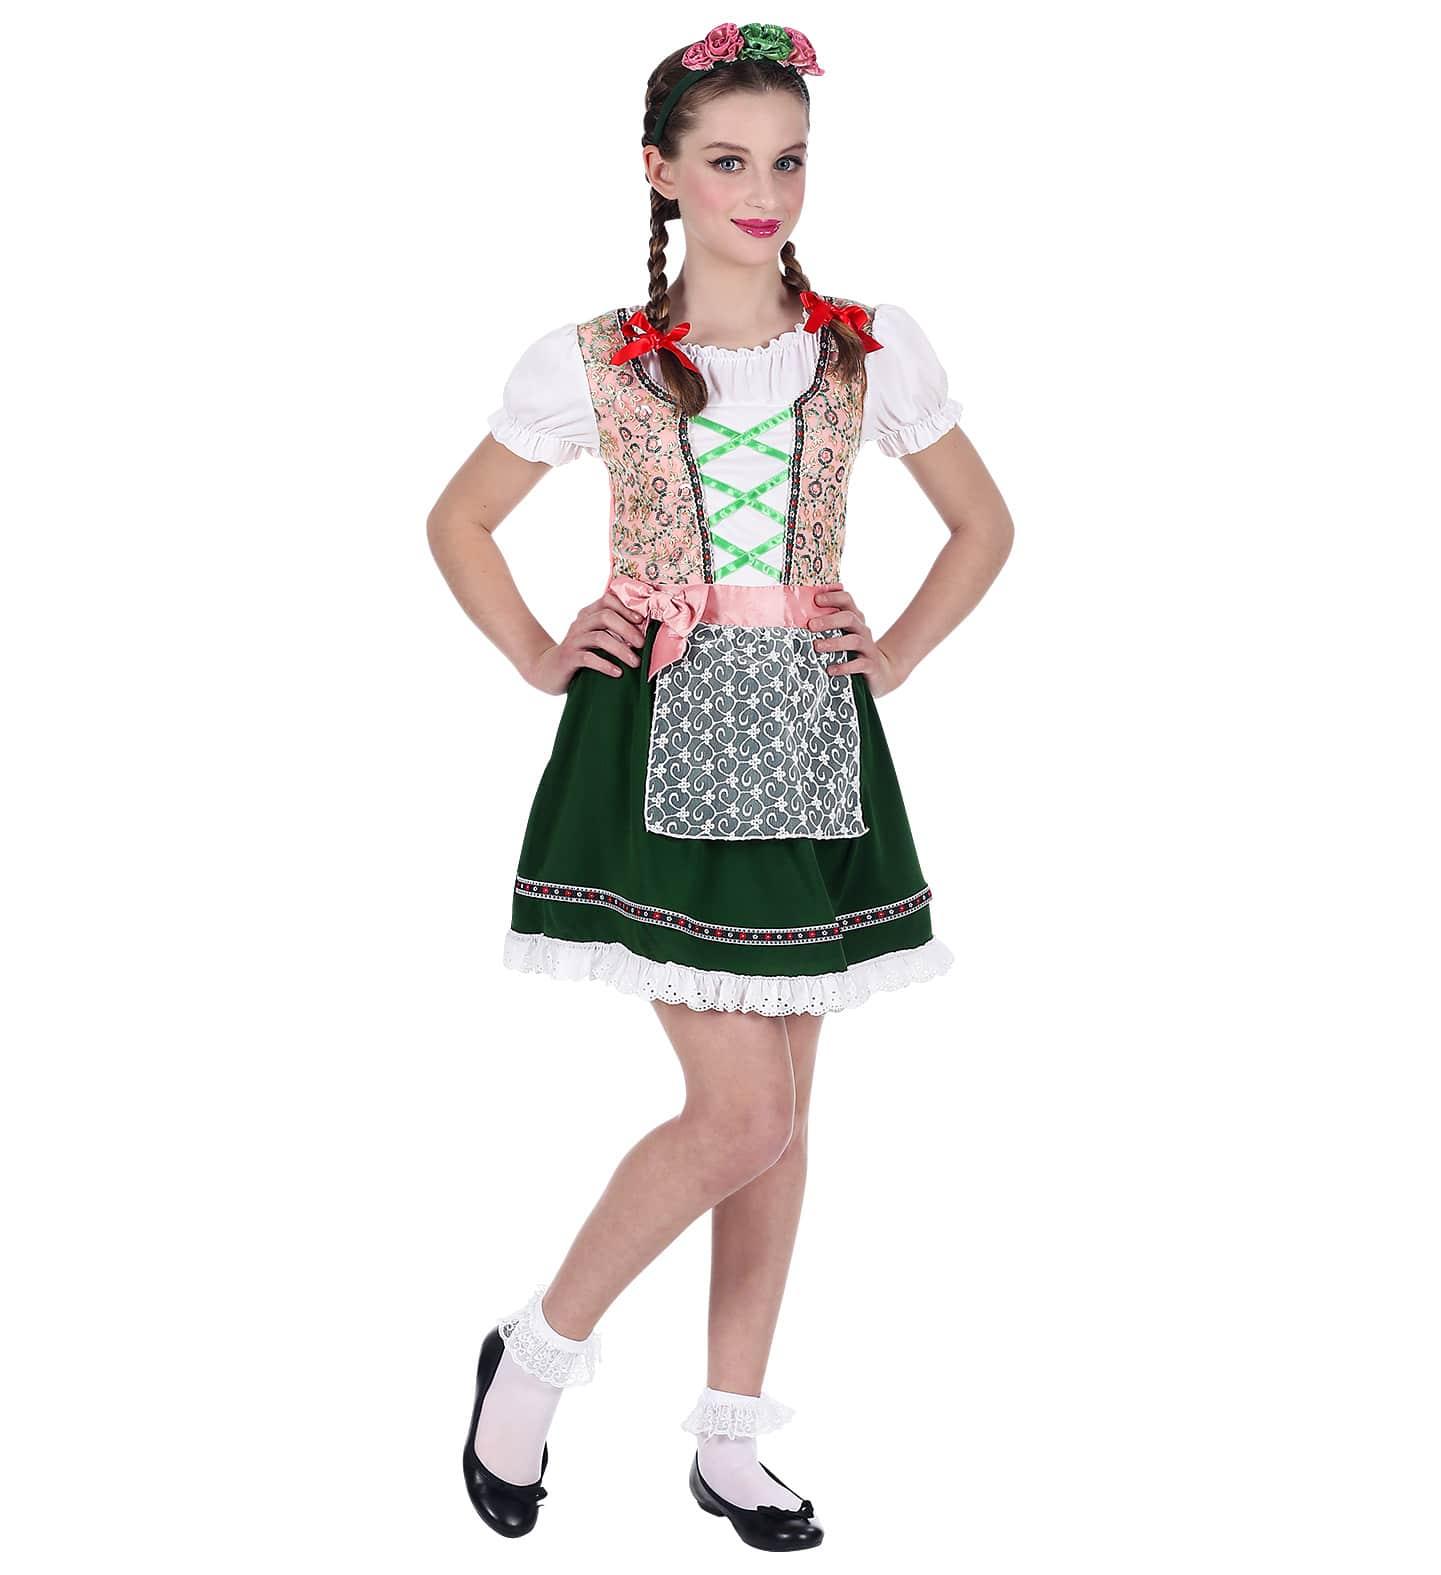 Oktoberfest kjole til pige. Købes hos - Bergdahls Festbutik